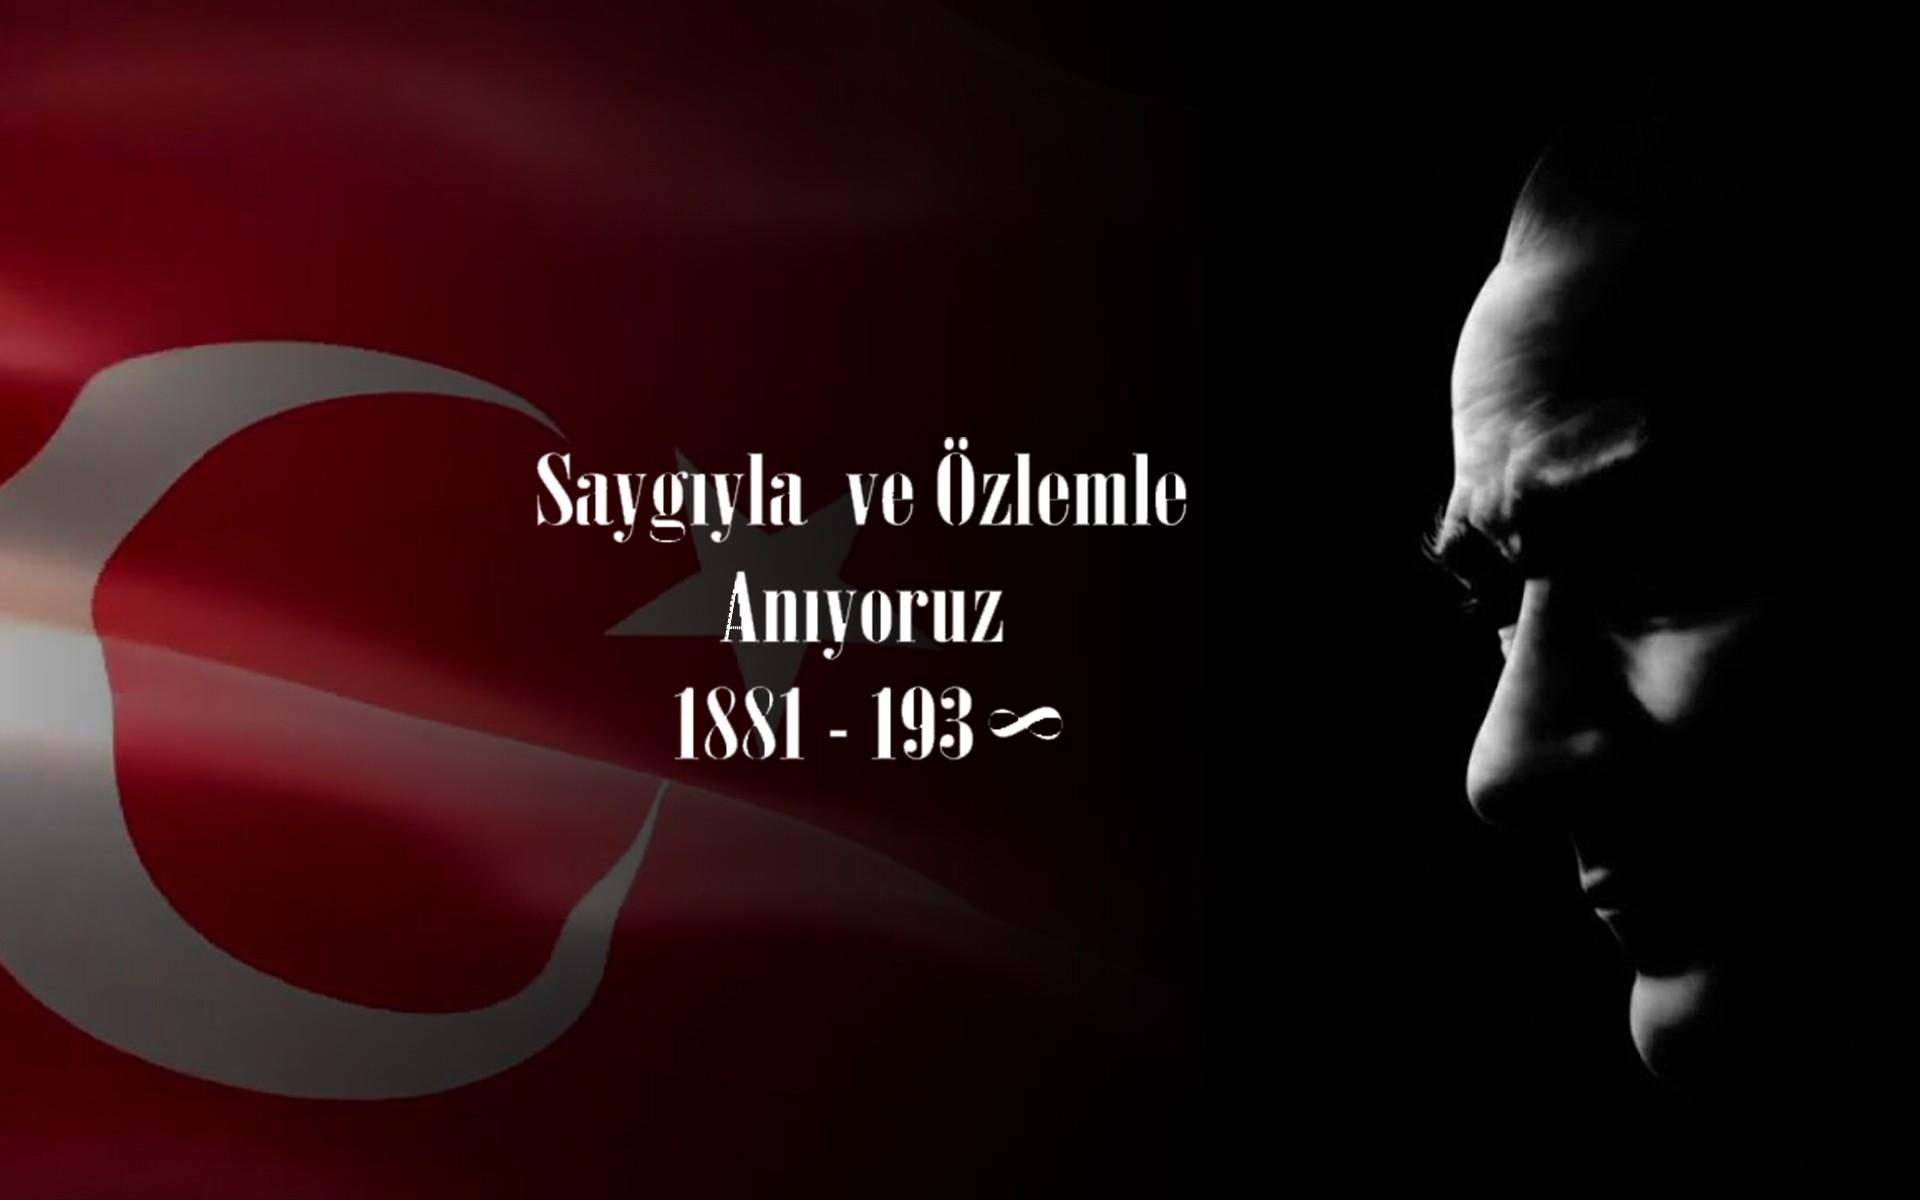 Ulu Önderimiz Gazi Mustafa Kemal Atatürkü Saygı ve